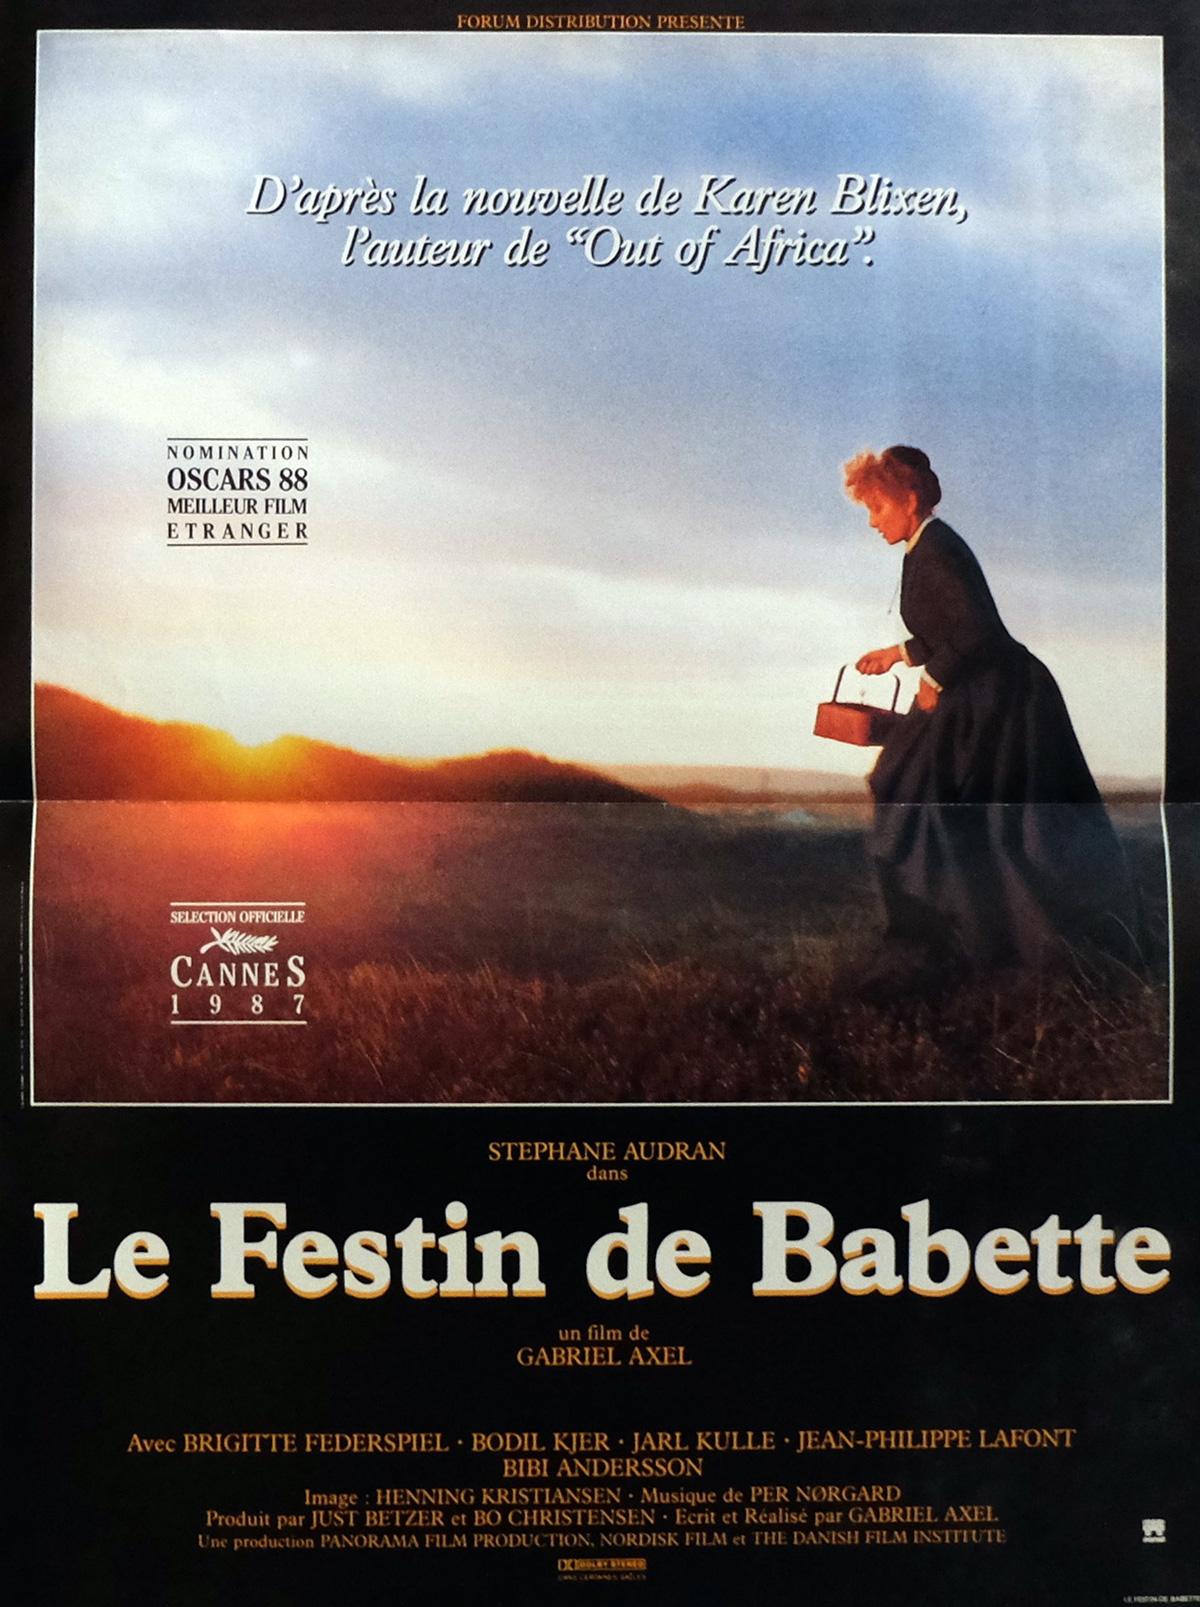 GRATUIT DE FESTIN BABETTE LE TÉLÉCHARGER GRATUITEMENT